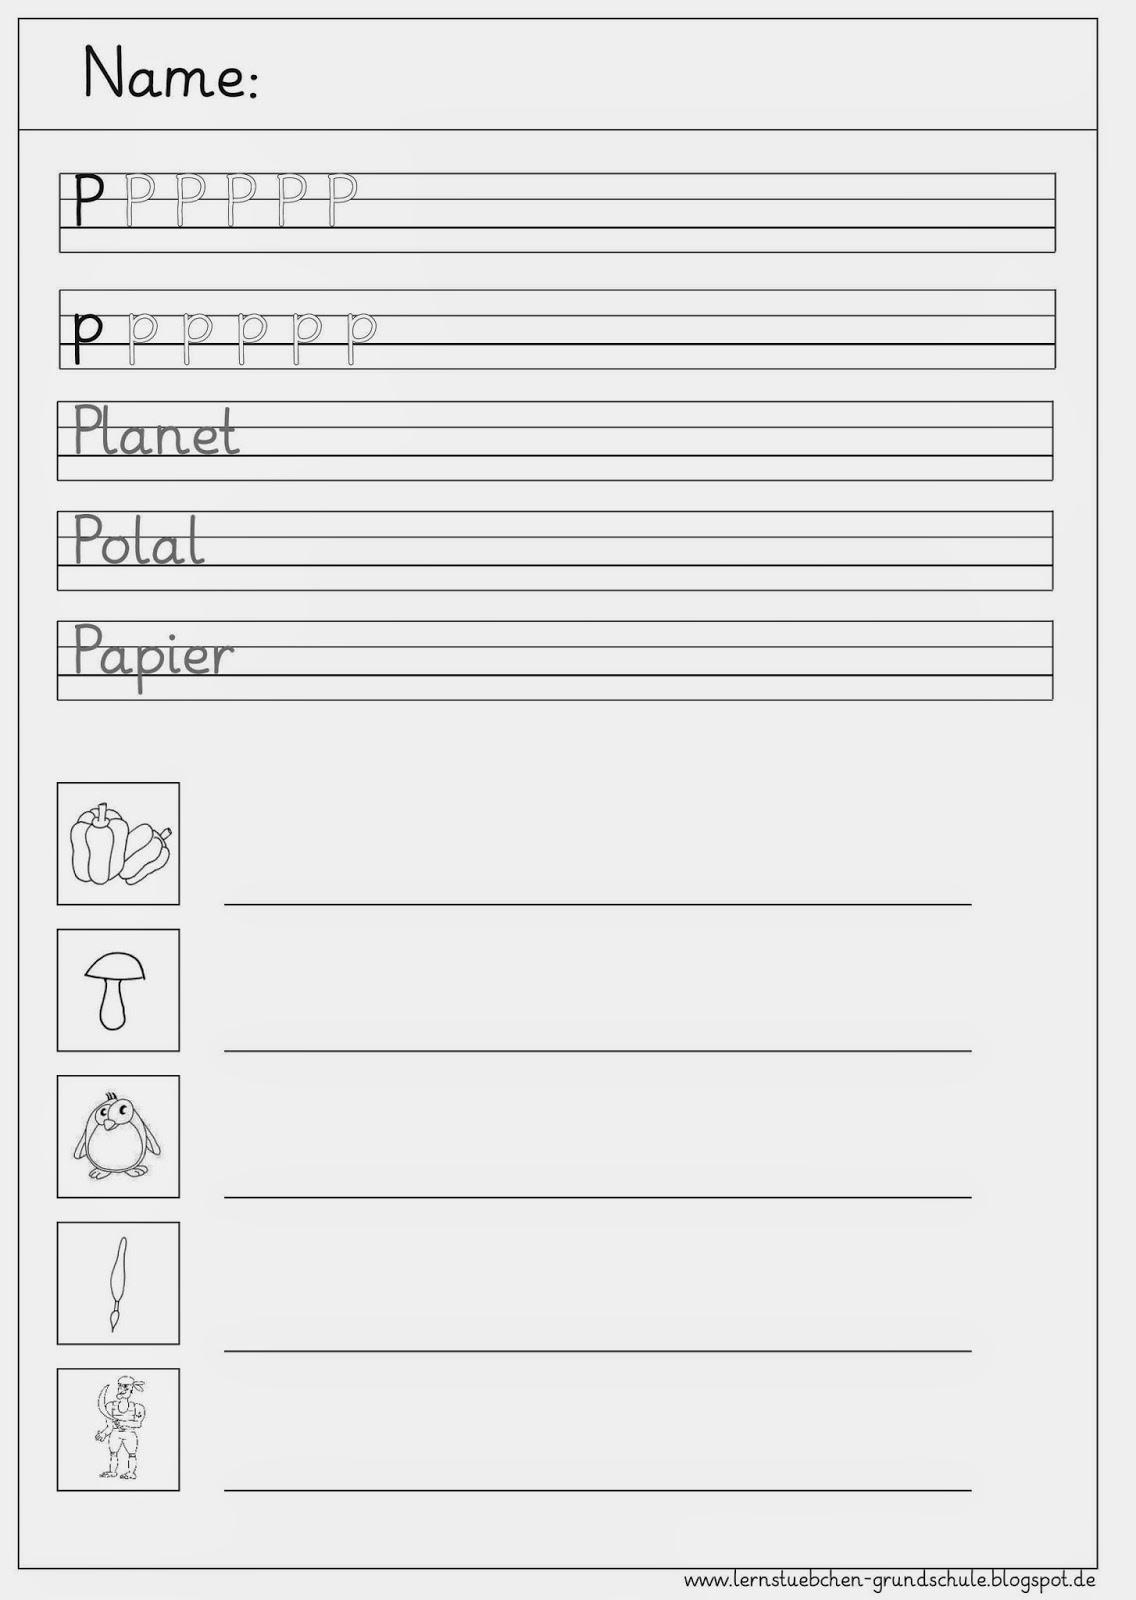 Lernstübchen: Schreibblätter zum P - p